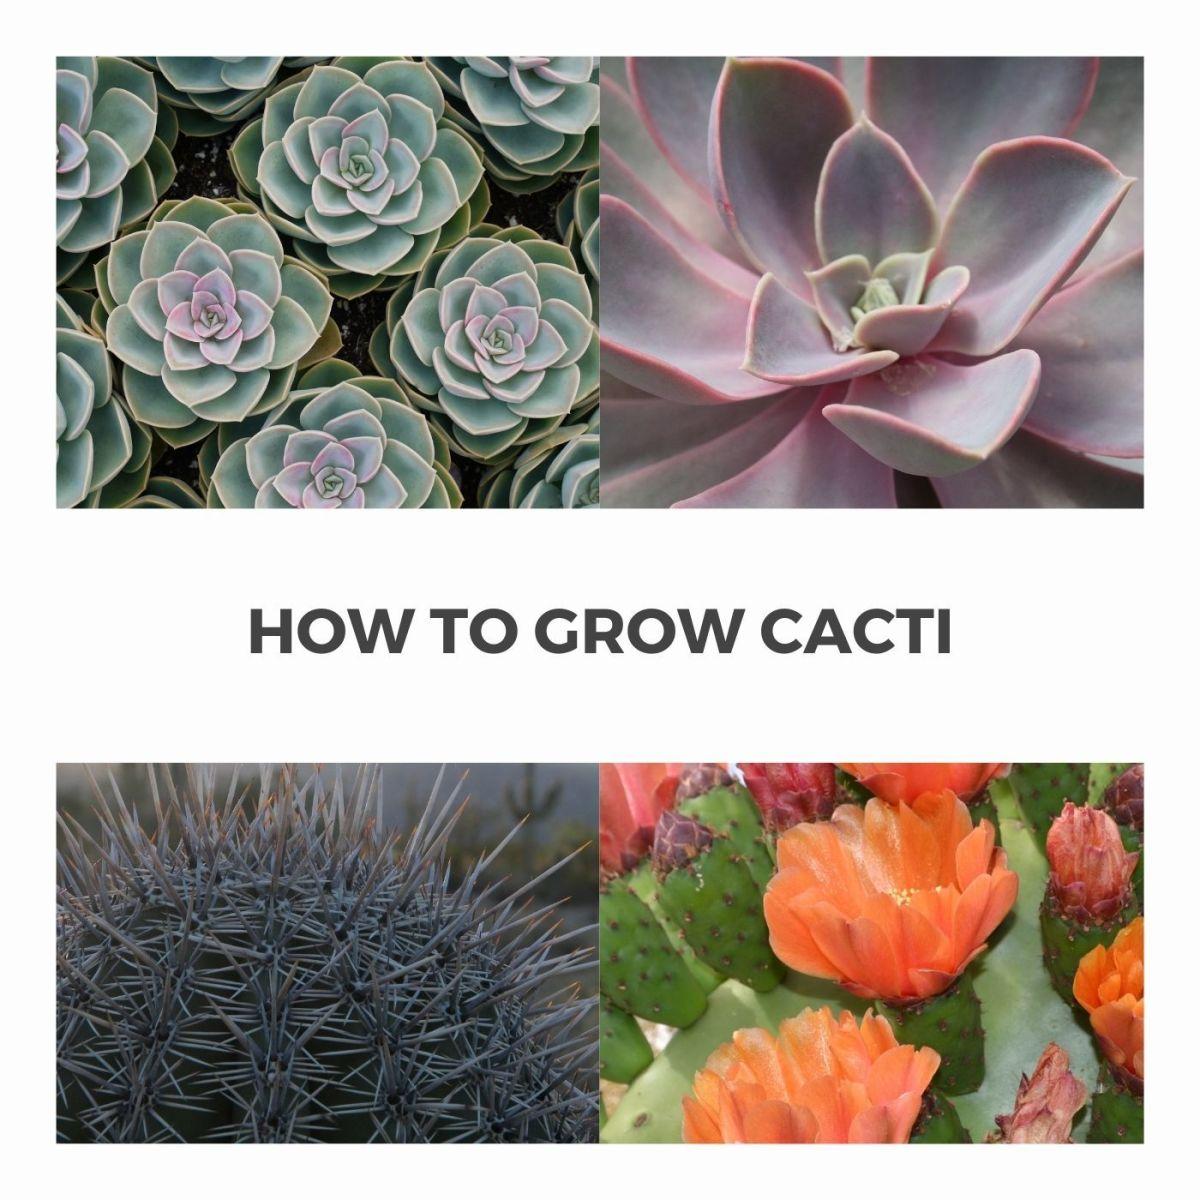 How to Grow Cactus Babies